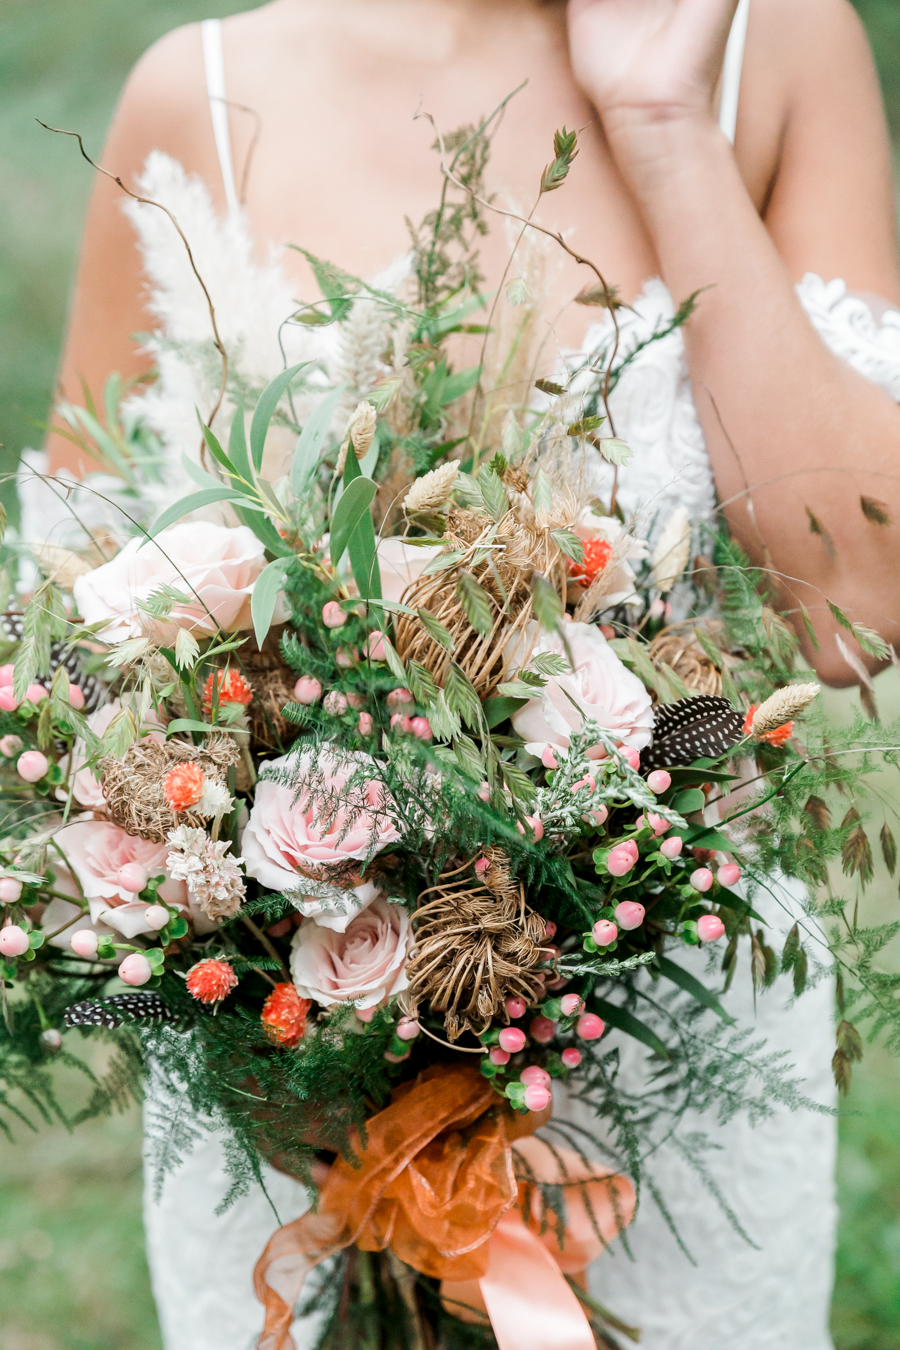 Hertfordshire Boho Themed Styled Wedding Shoot, photographer credit Absolute Photo UK (32)